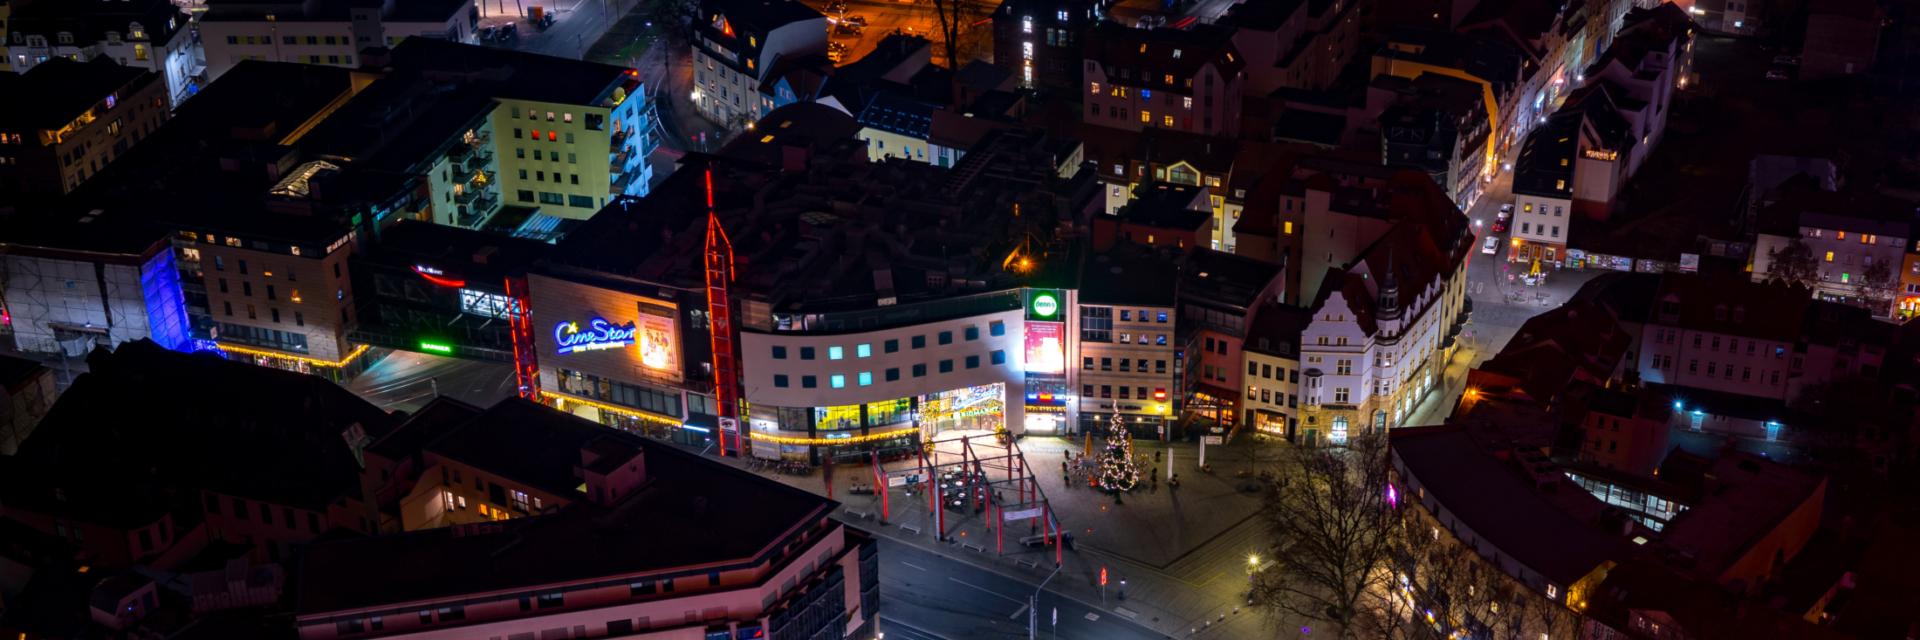 Die Innenstadt Jenas mit Holzmarkt bei Nacht - Inspiration für MICE Stories © JenaKultur, Foto: Christian Häcker